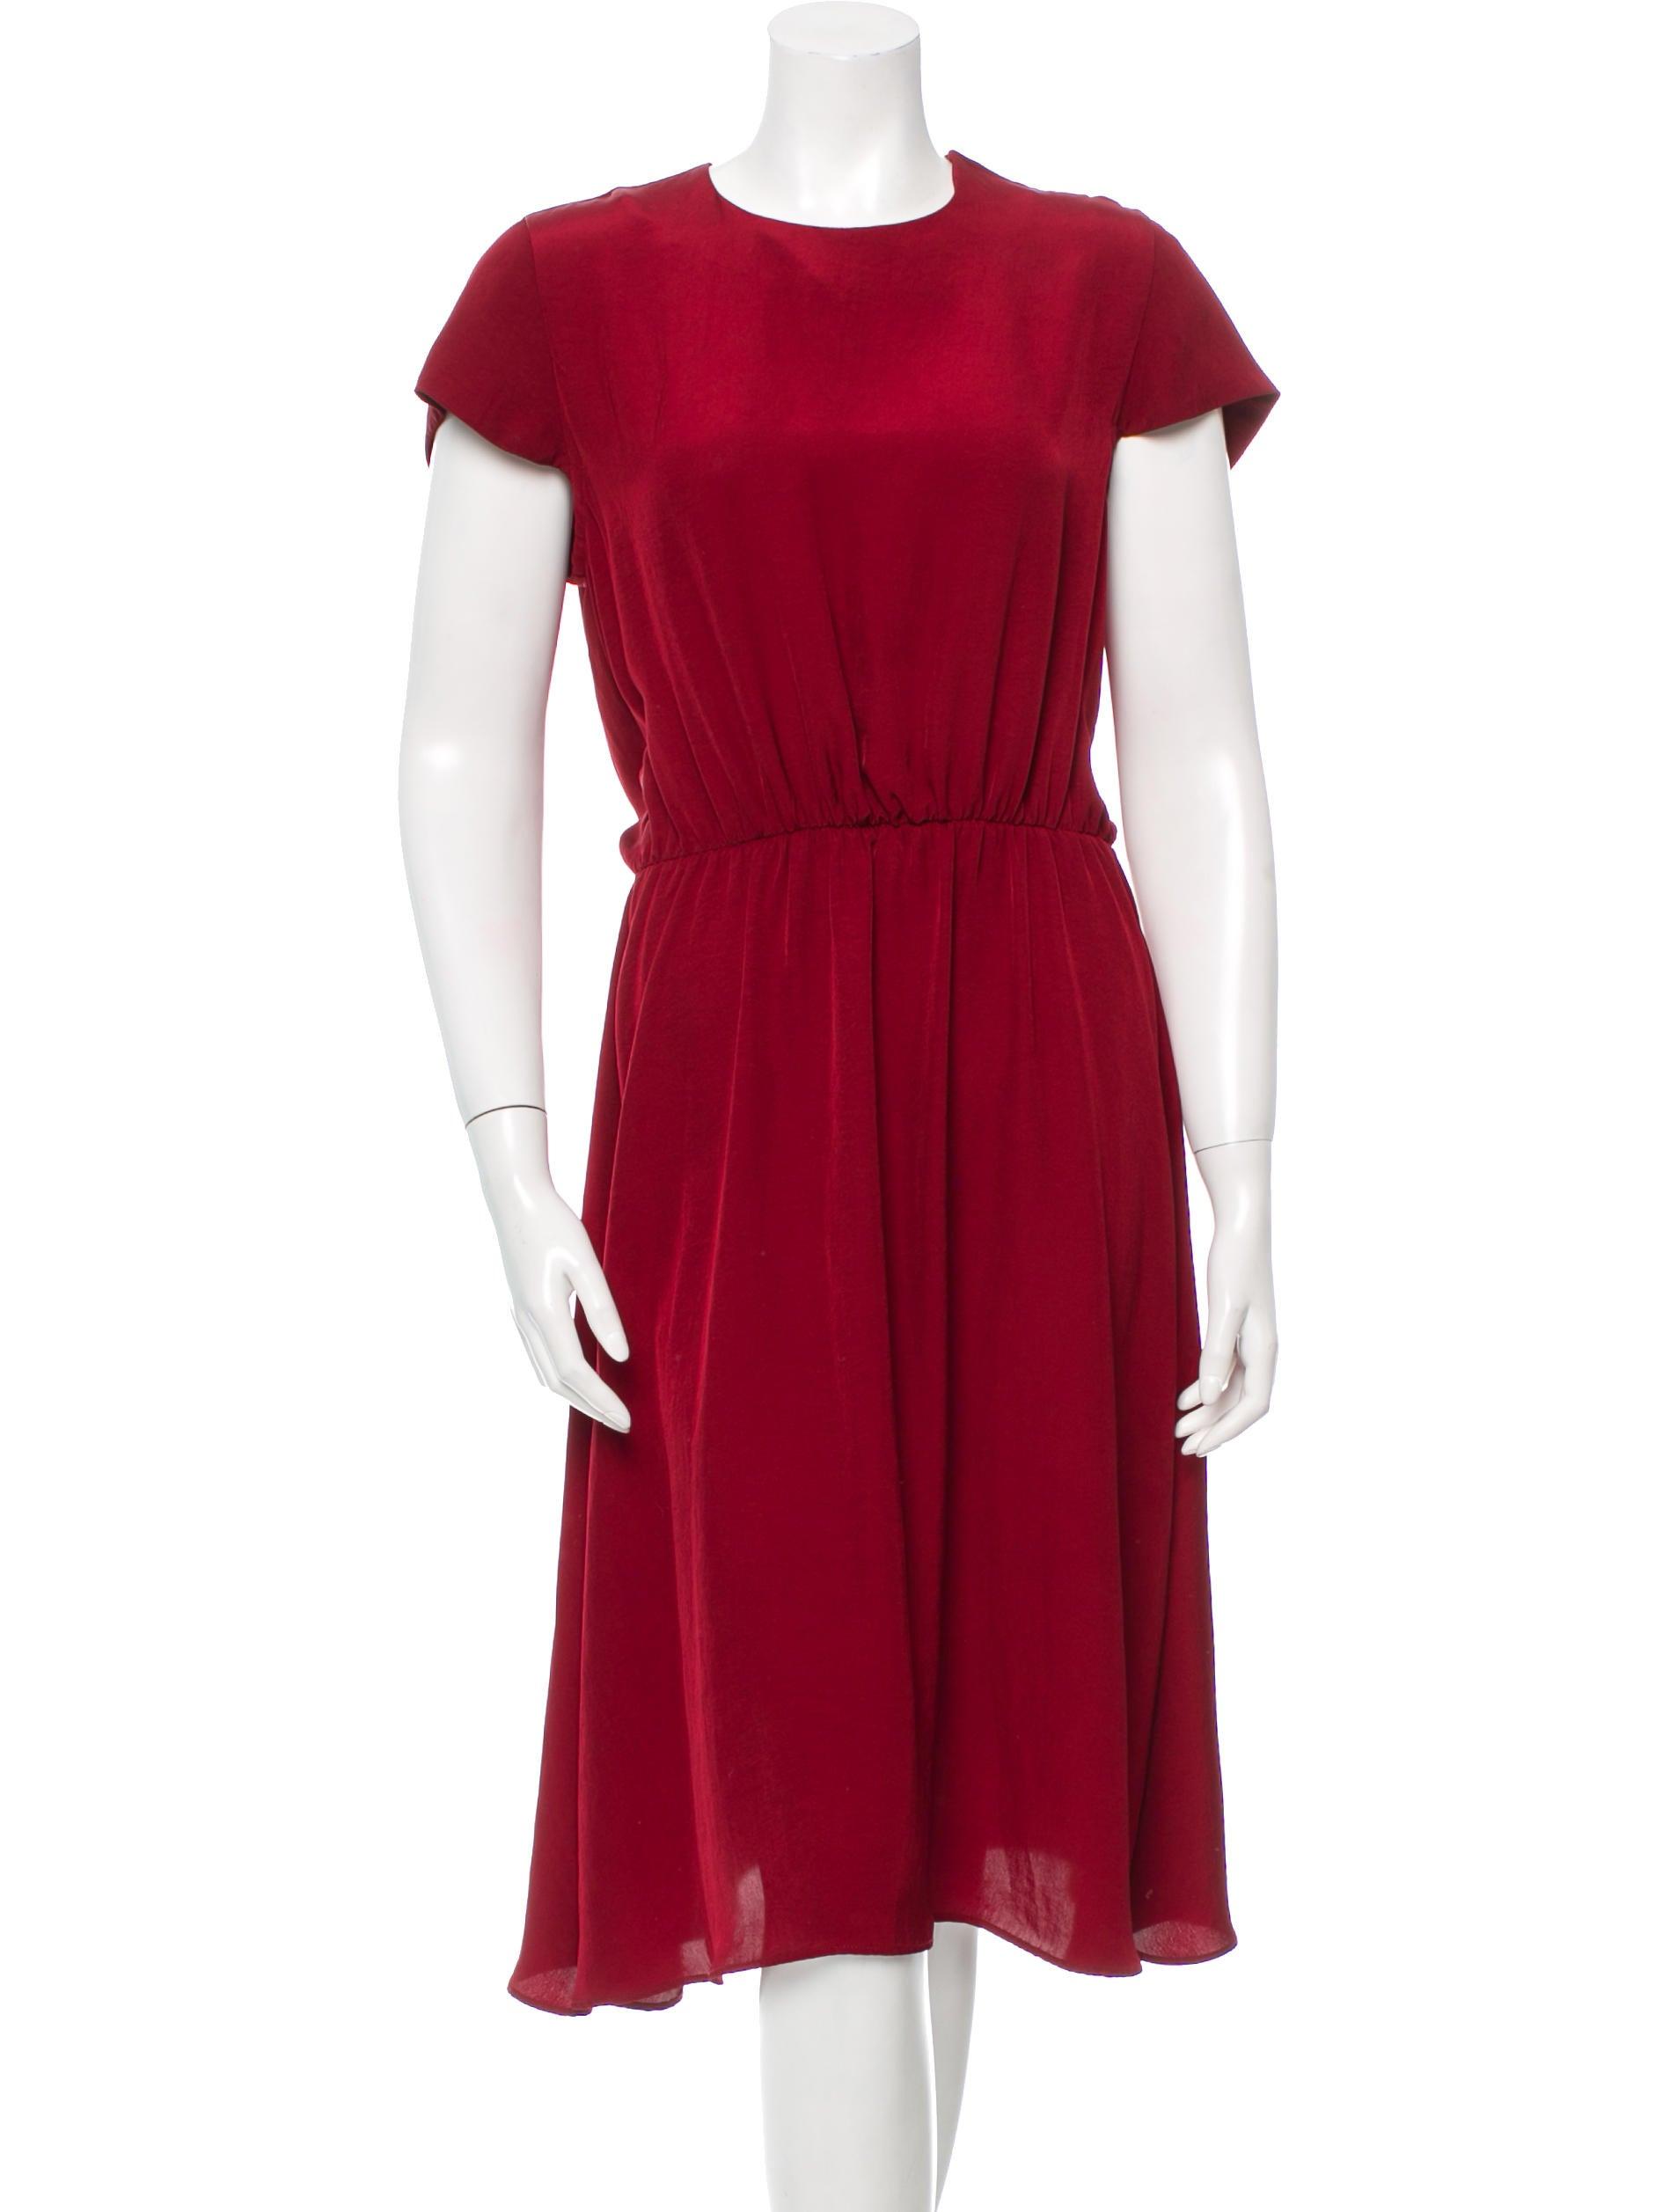 Toile isabel marant short sleeve midi dress clothing for Isabel marant shirt dress